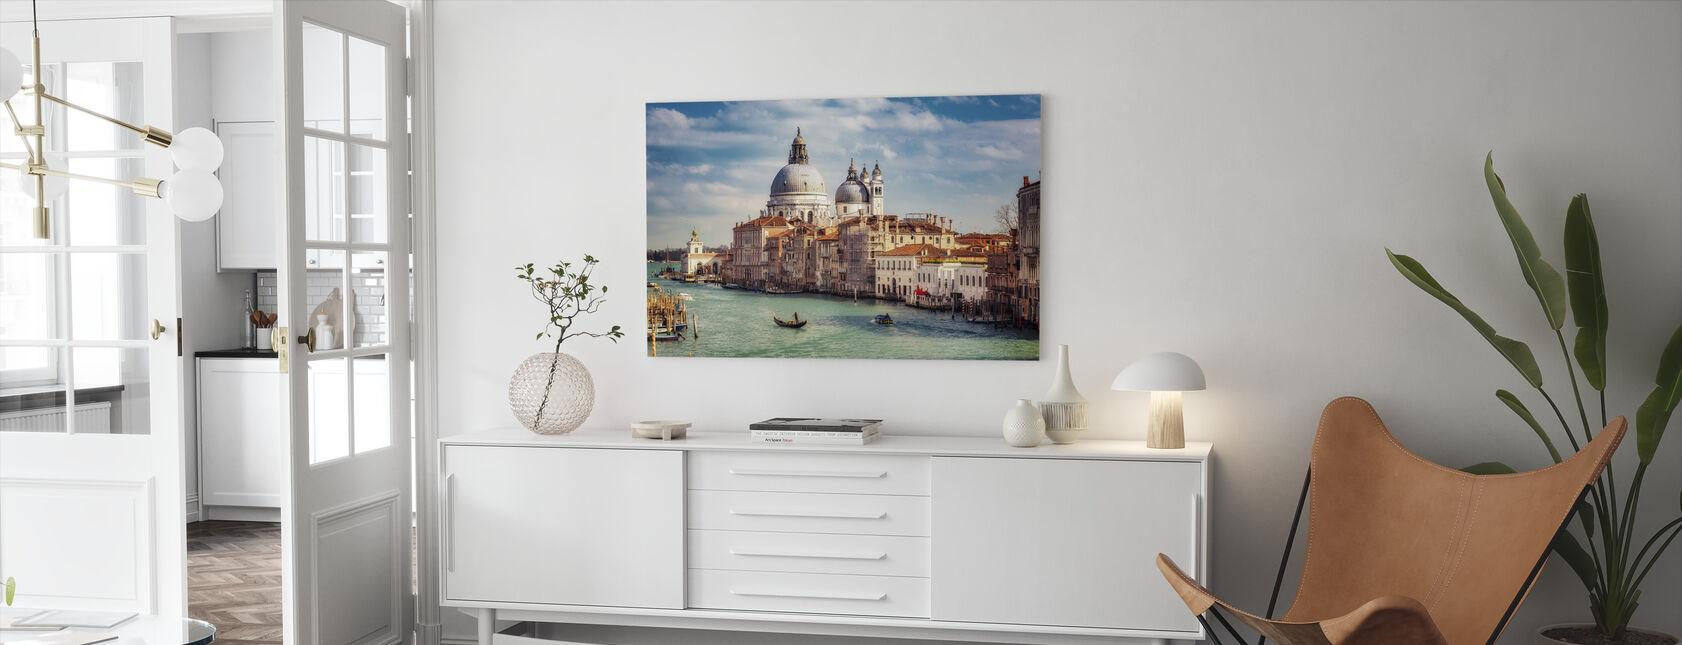 Basilica Santa Maria della Salute in Venice - Canvas print - Living Room